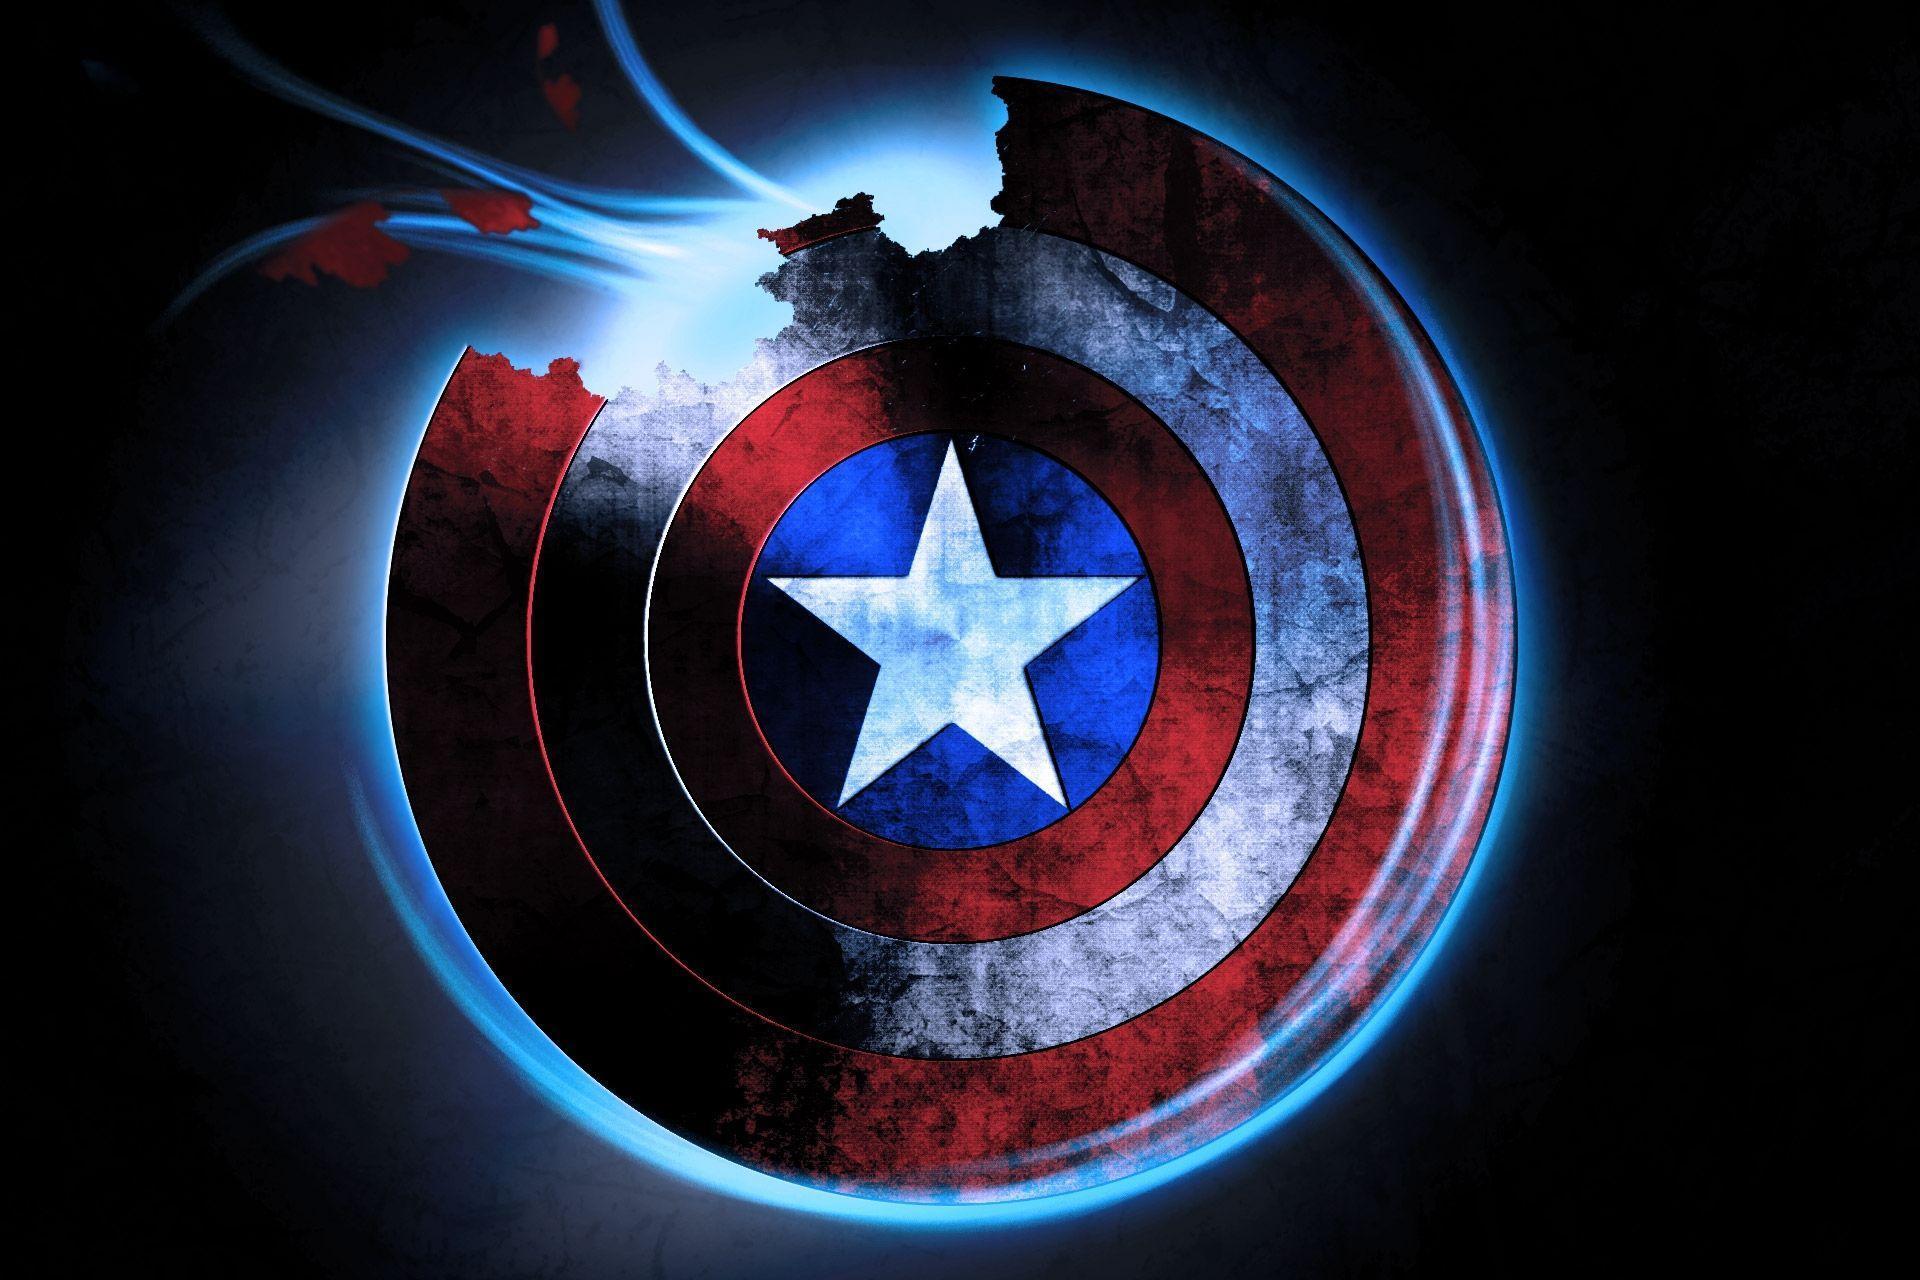 Captain America Free Wallpaper - WallpaperSafari